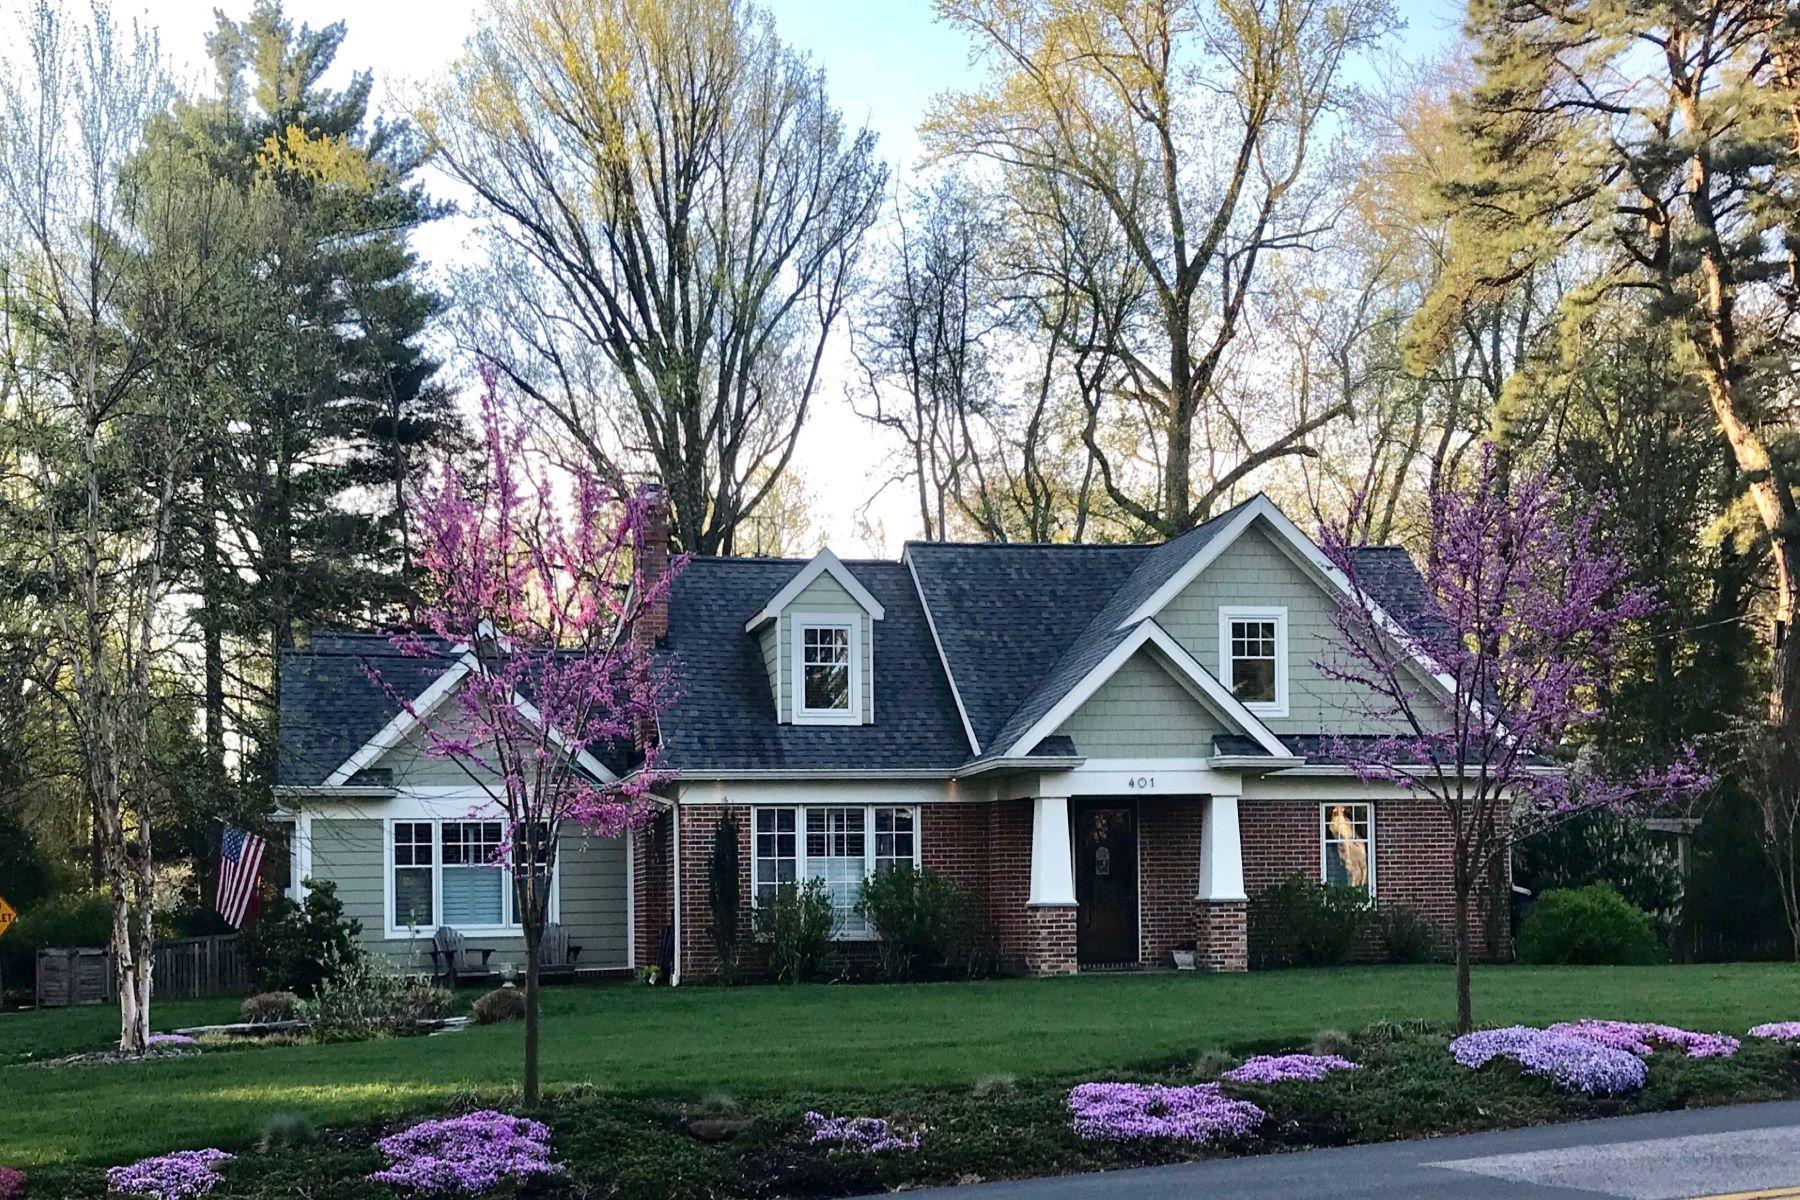 Single Family Homes 为 销售 在 Pristine Cape Cod in Olde Severna Park 401 Riggs Avenue 锡弗纳帕克, 马里兰州 21146 美国